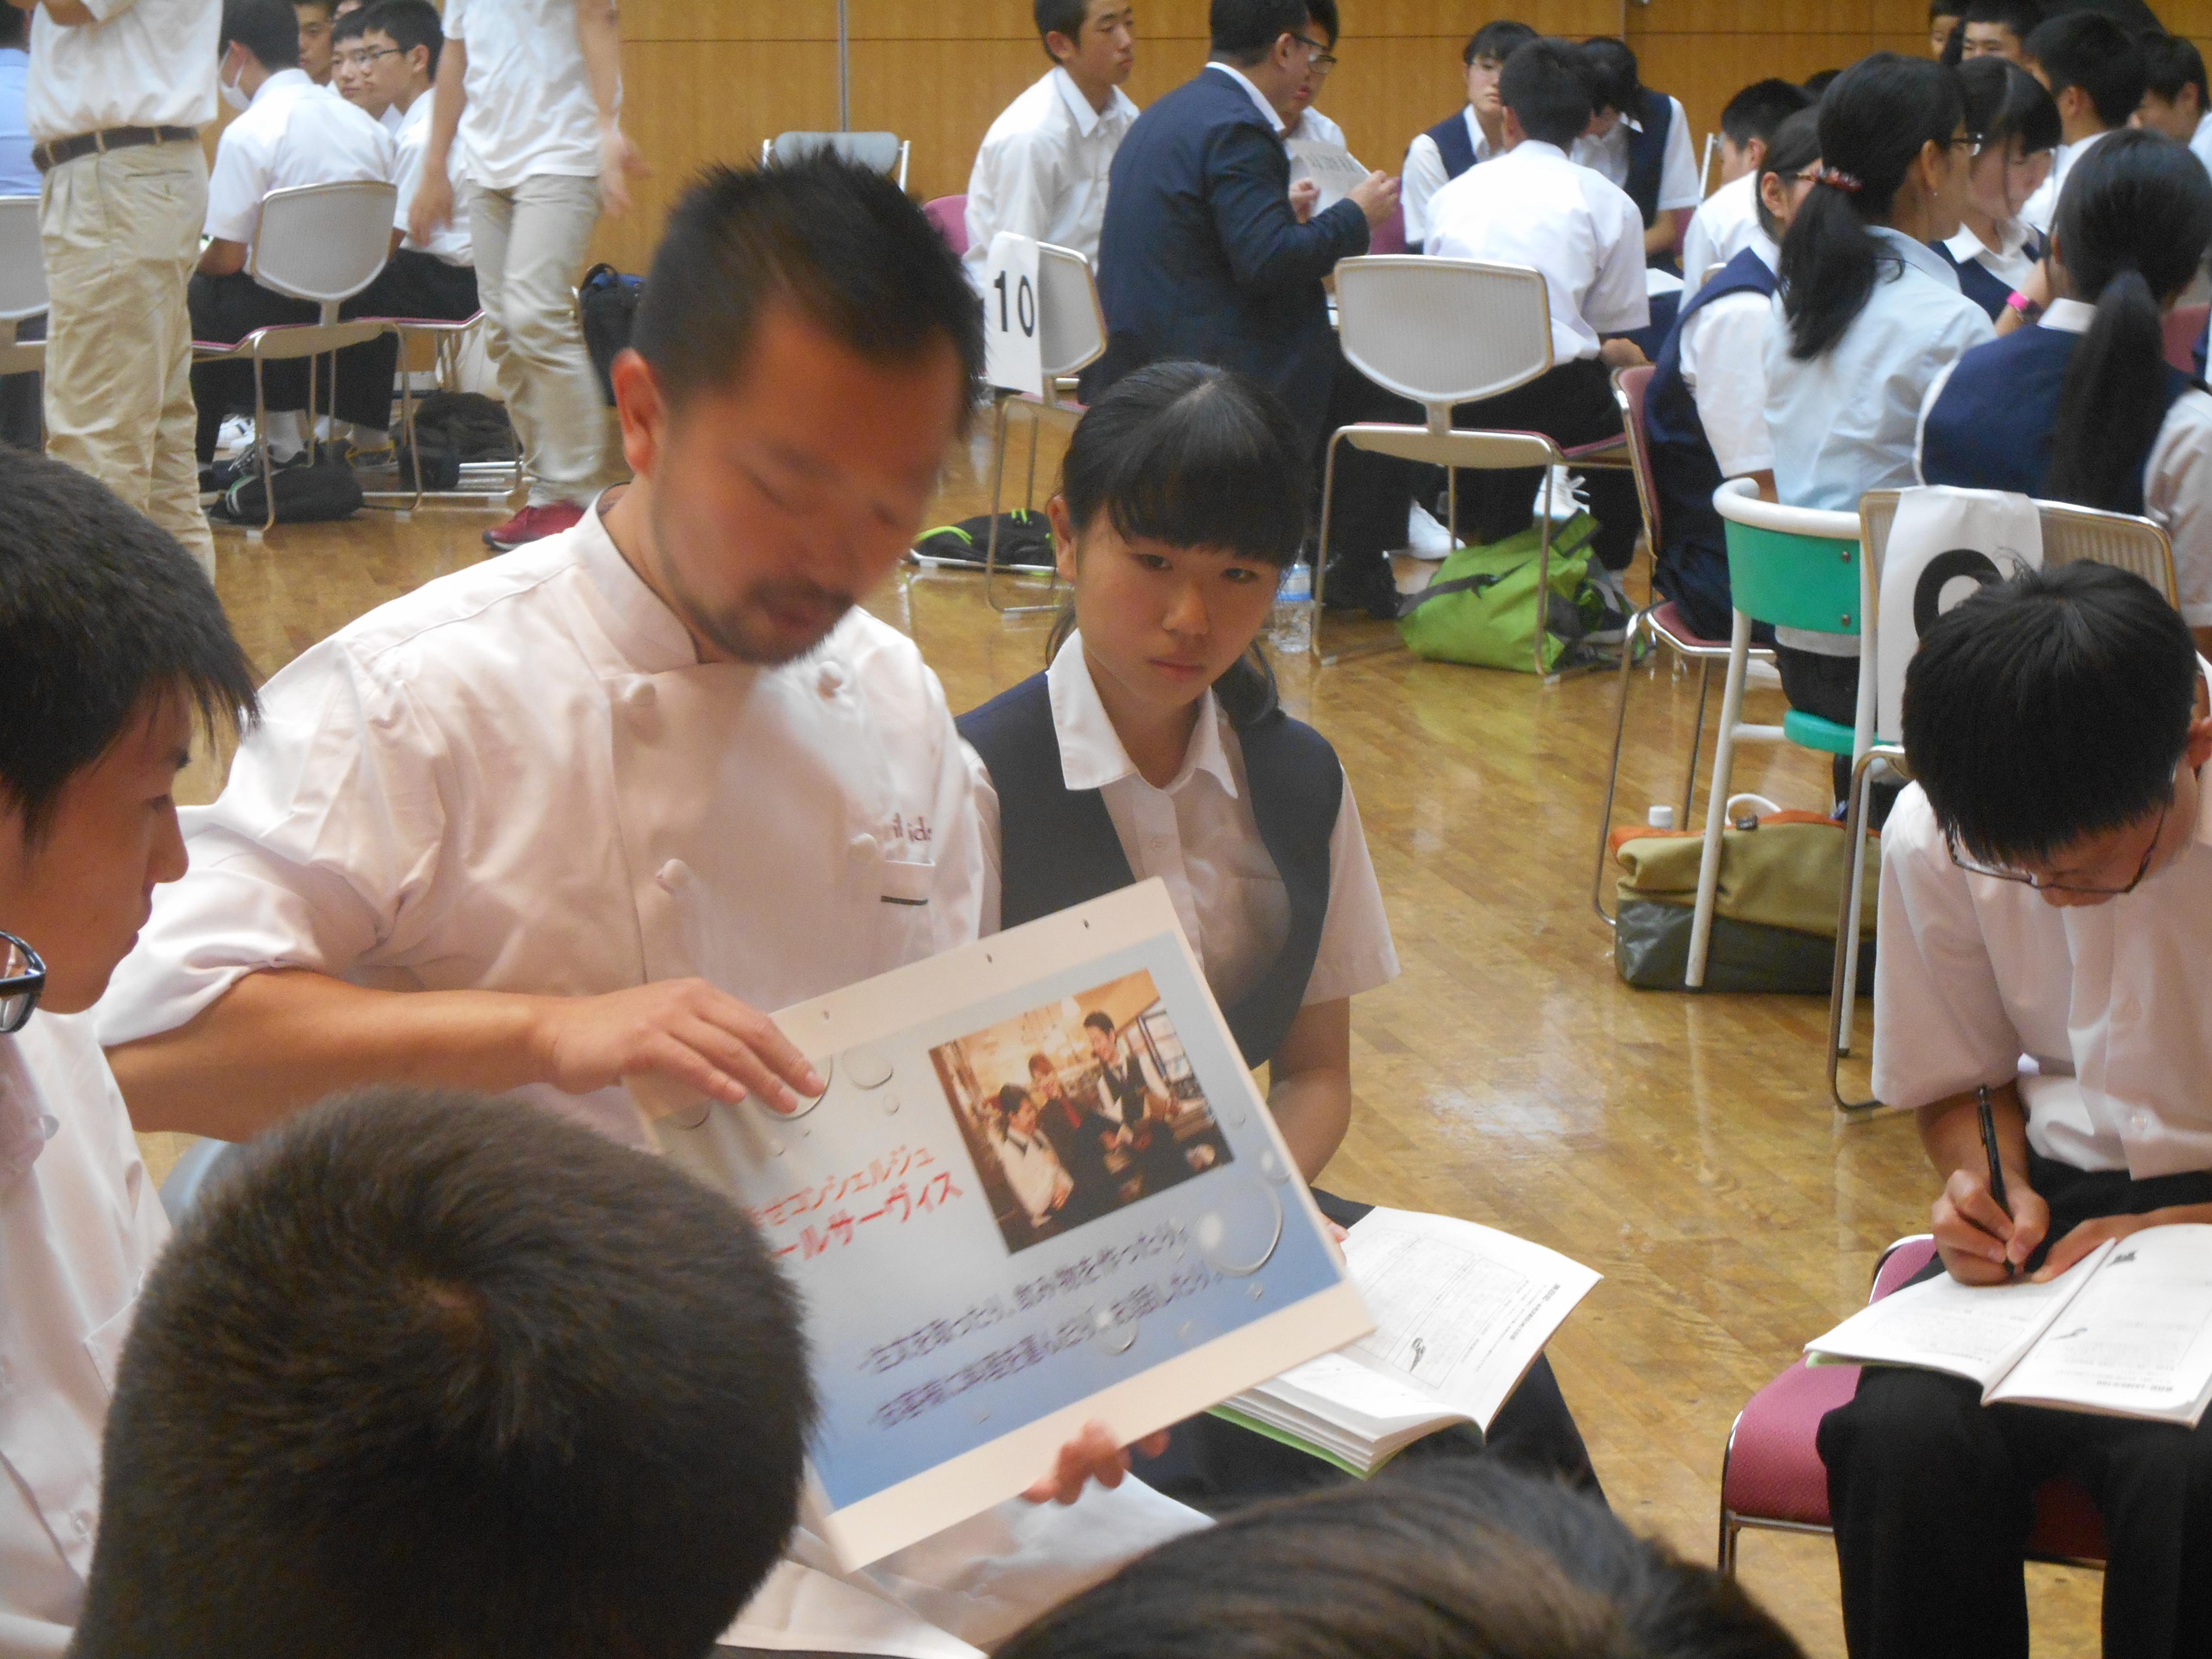 DSCN1801 - 2016年6月28日 青森市立甲田中学校アオスキフューチャーズゼミ開催